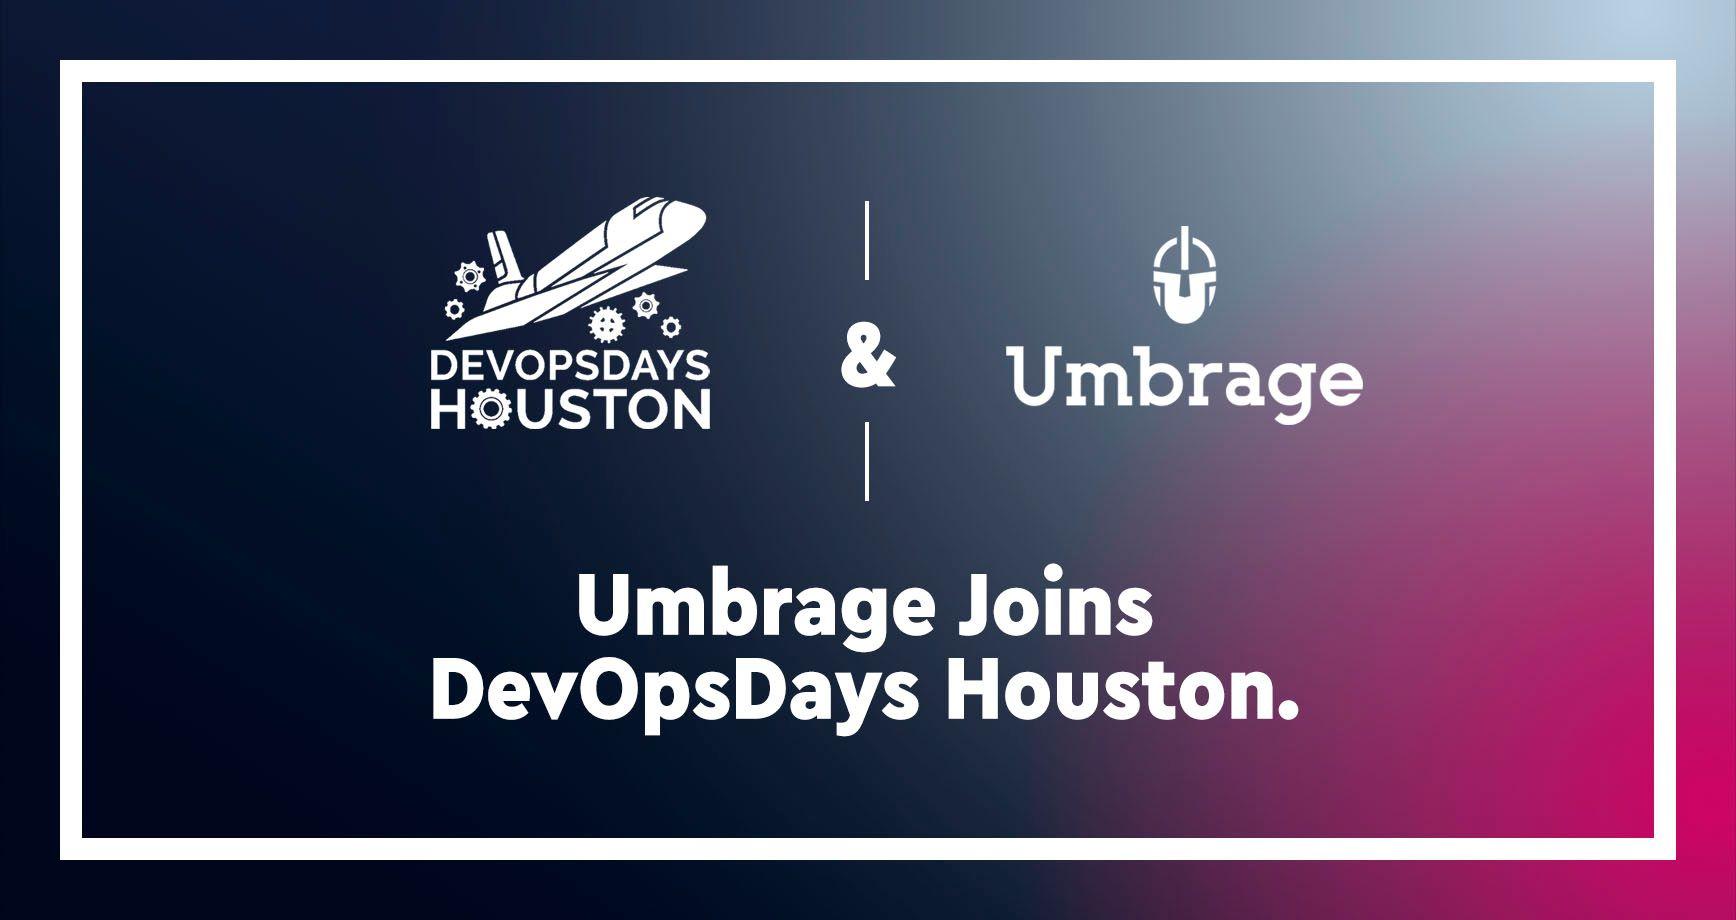 Come see Umbrage at DevOpsDays Houston